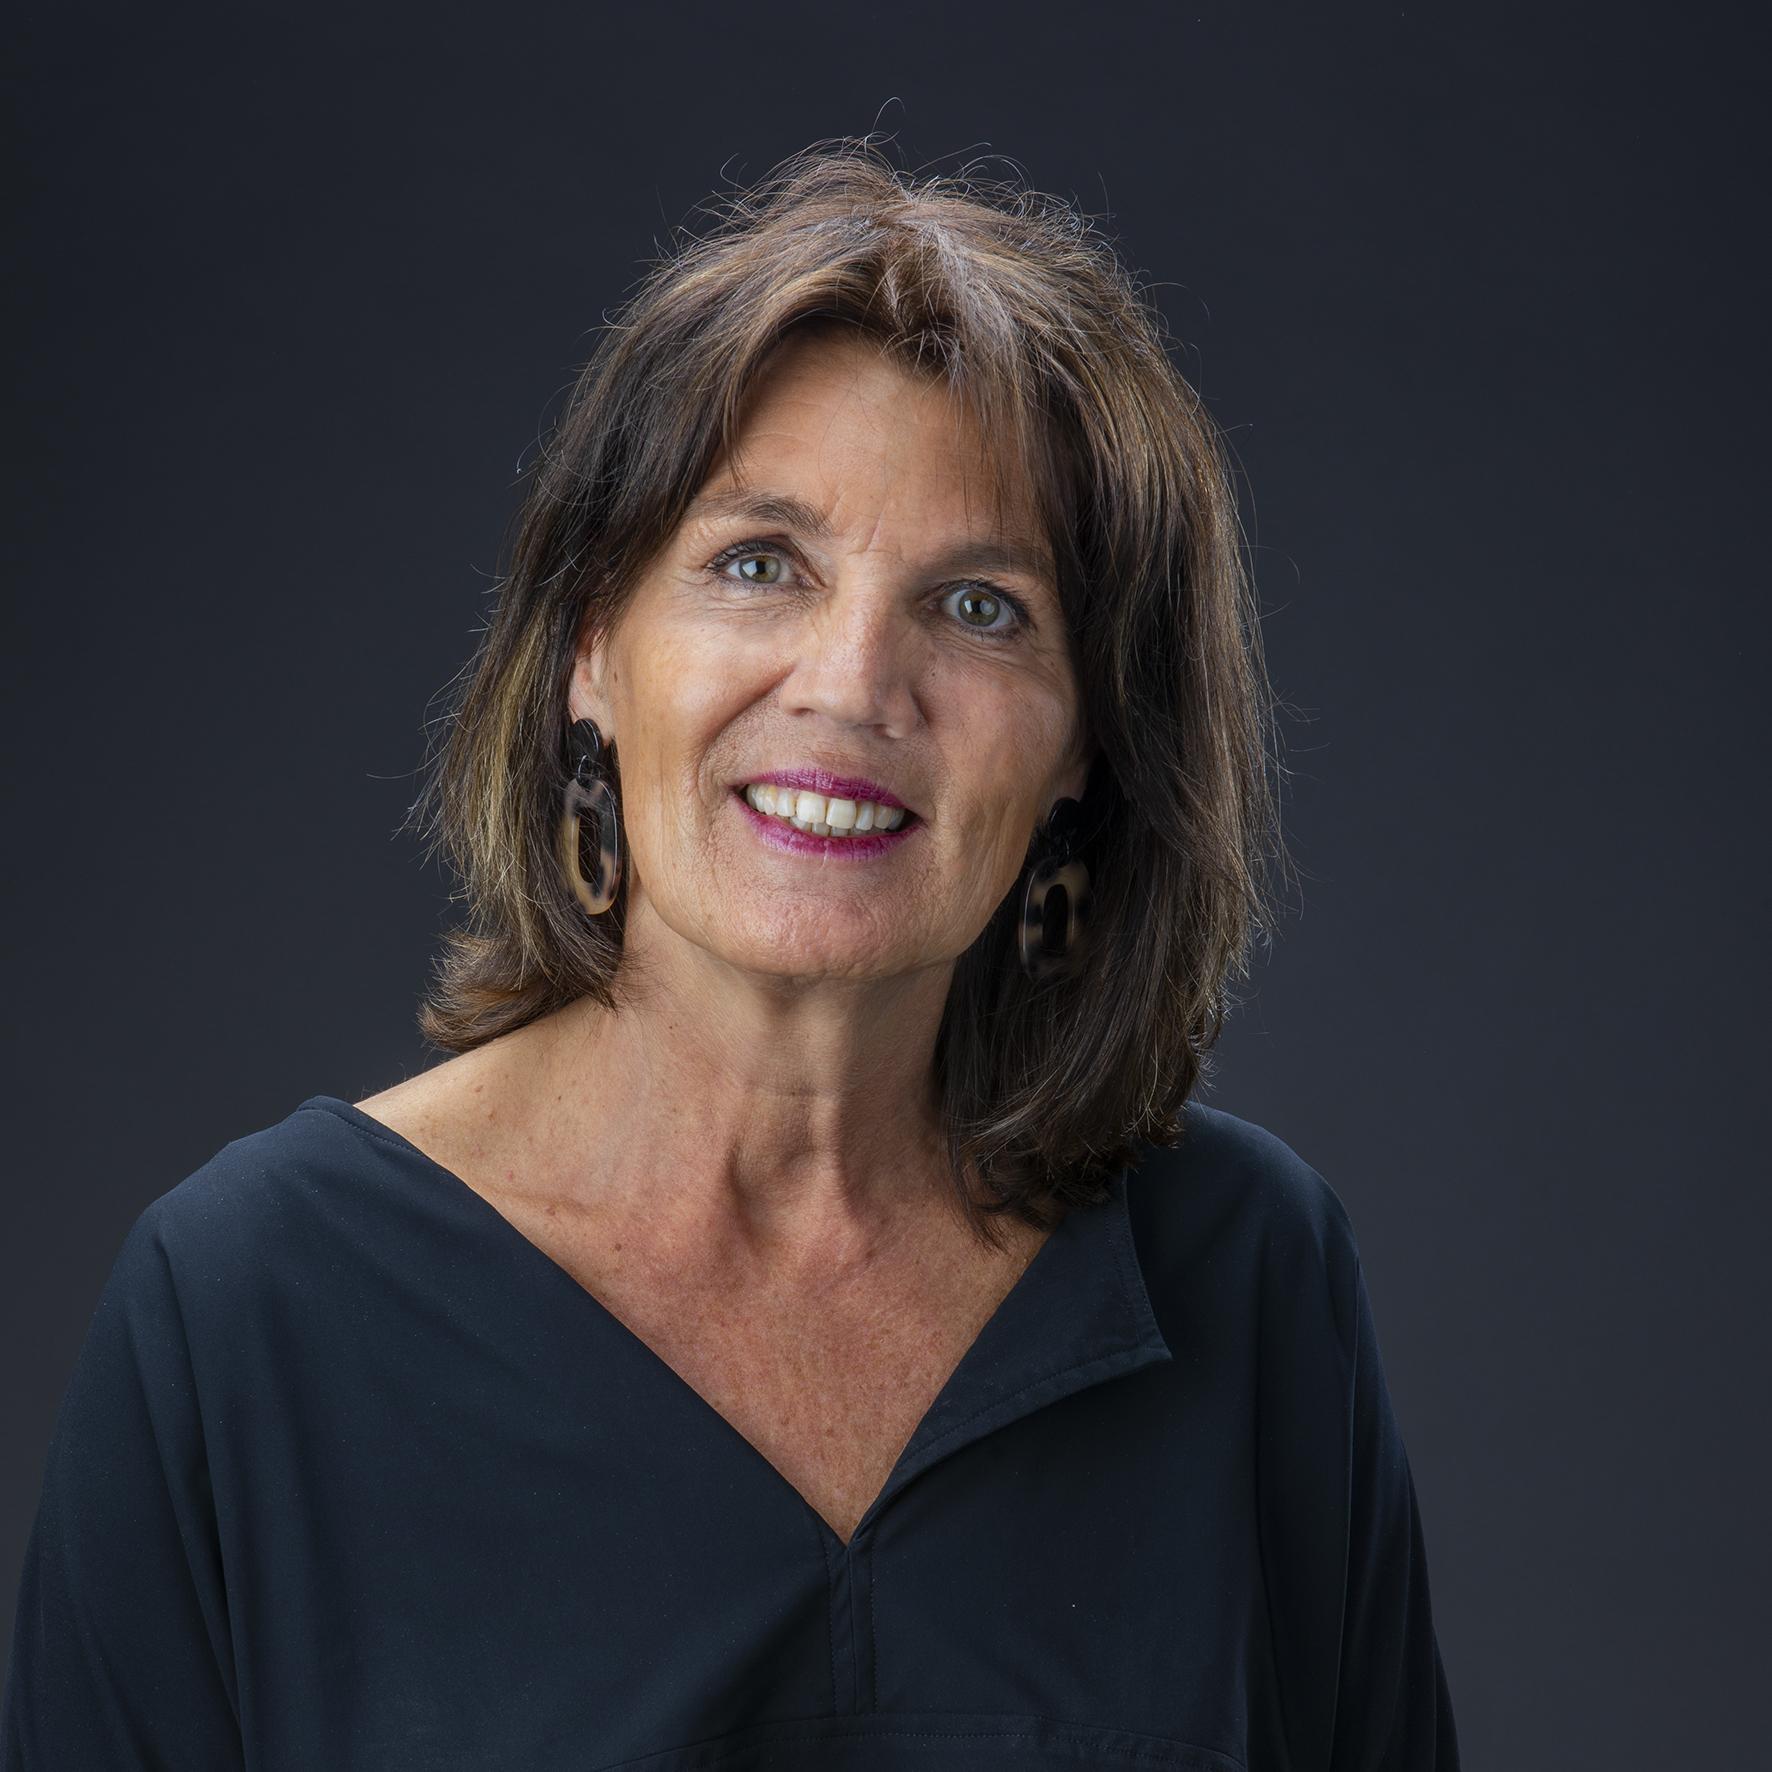 Marianne Franken